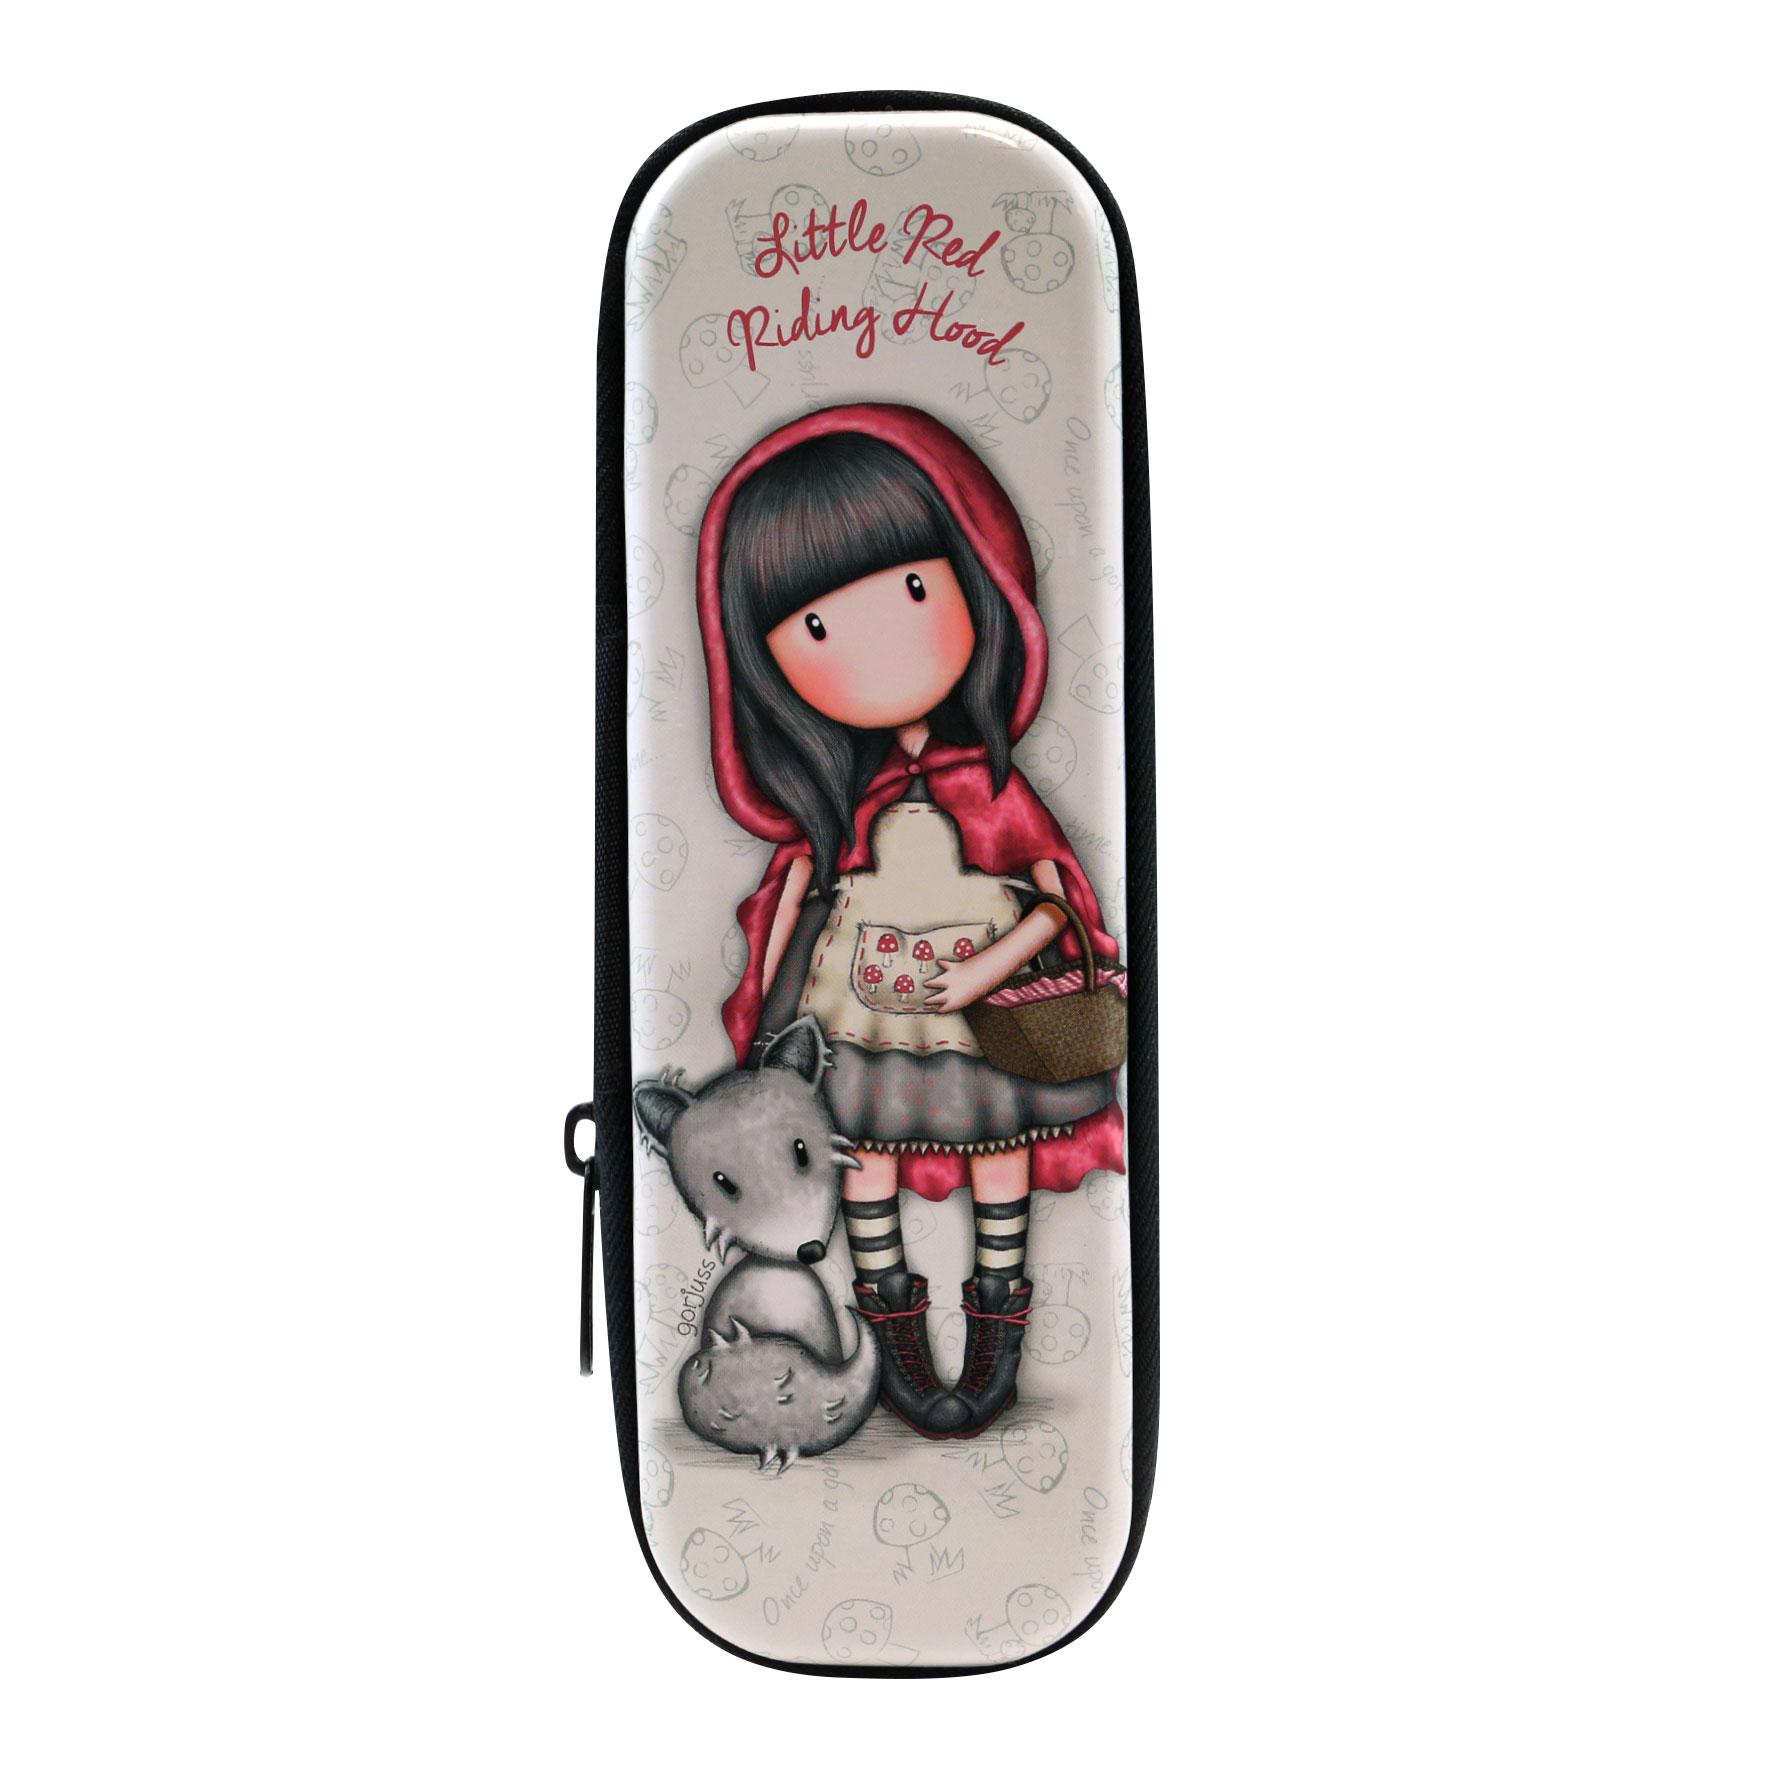 Gorjuss Little Red Riding Hood Glasses Case